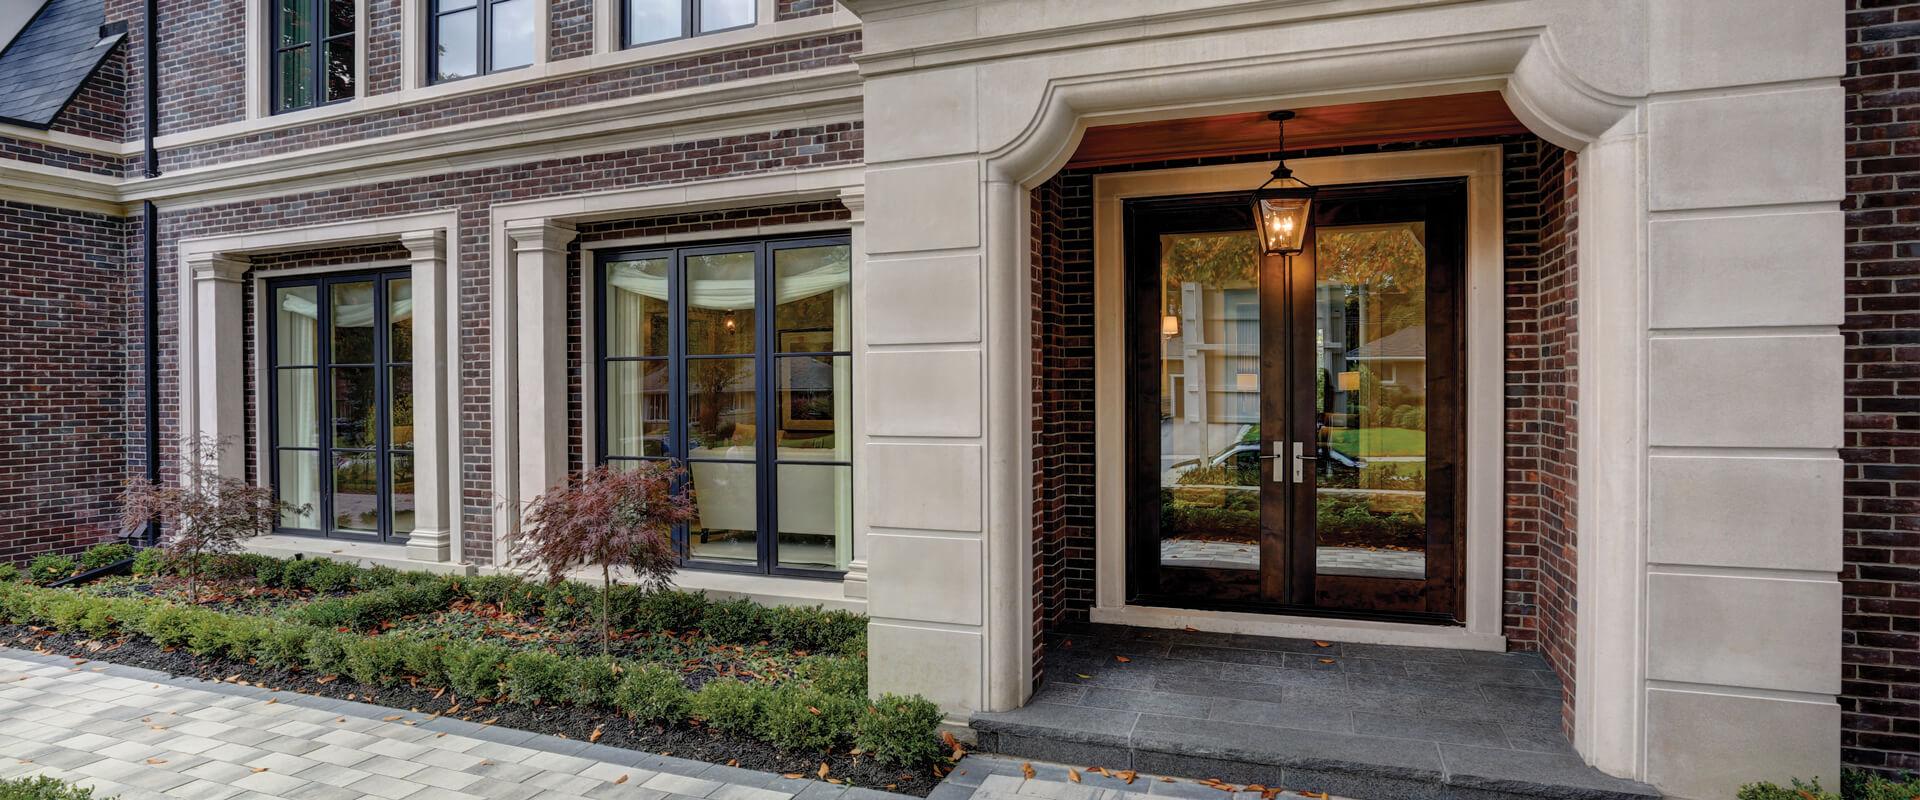 Heritage Series Entrance Doors Kolbe Windows Amp Doors